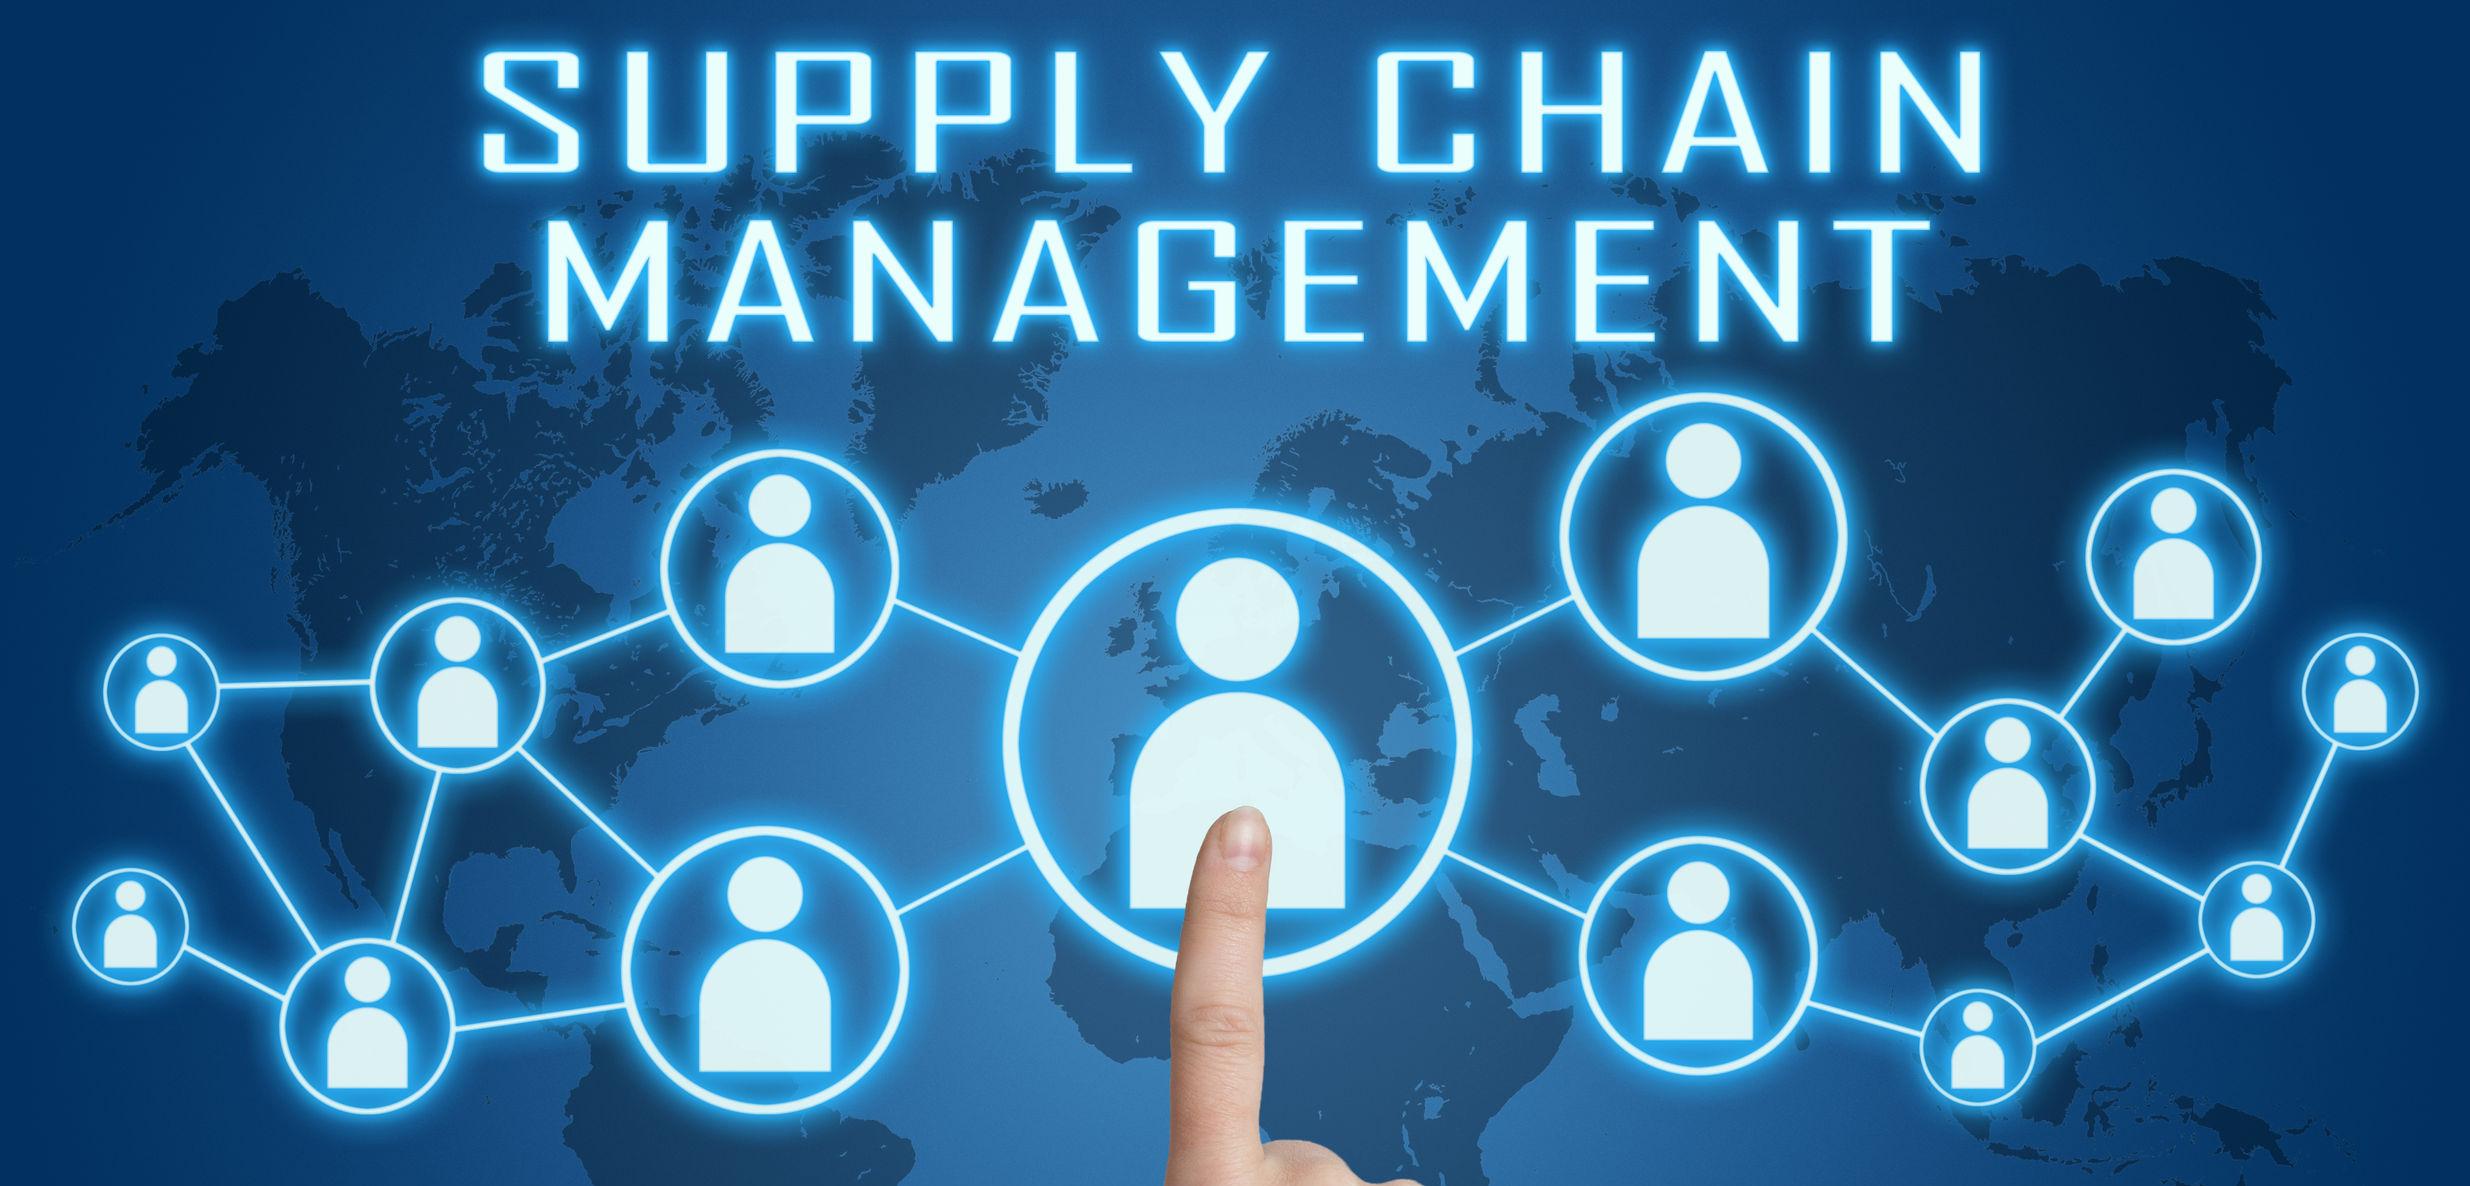 Perchè l'industria automotive deve sfruttare l'impatto dell'Industry 4.0 sulla supply chain